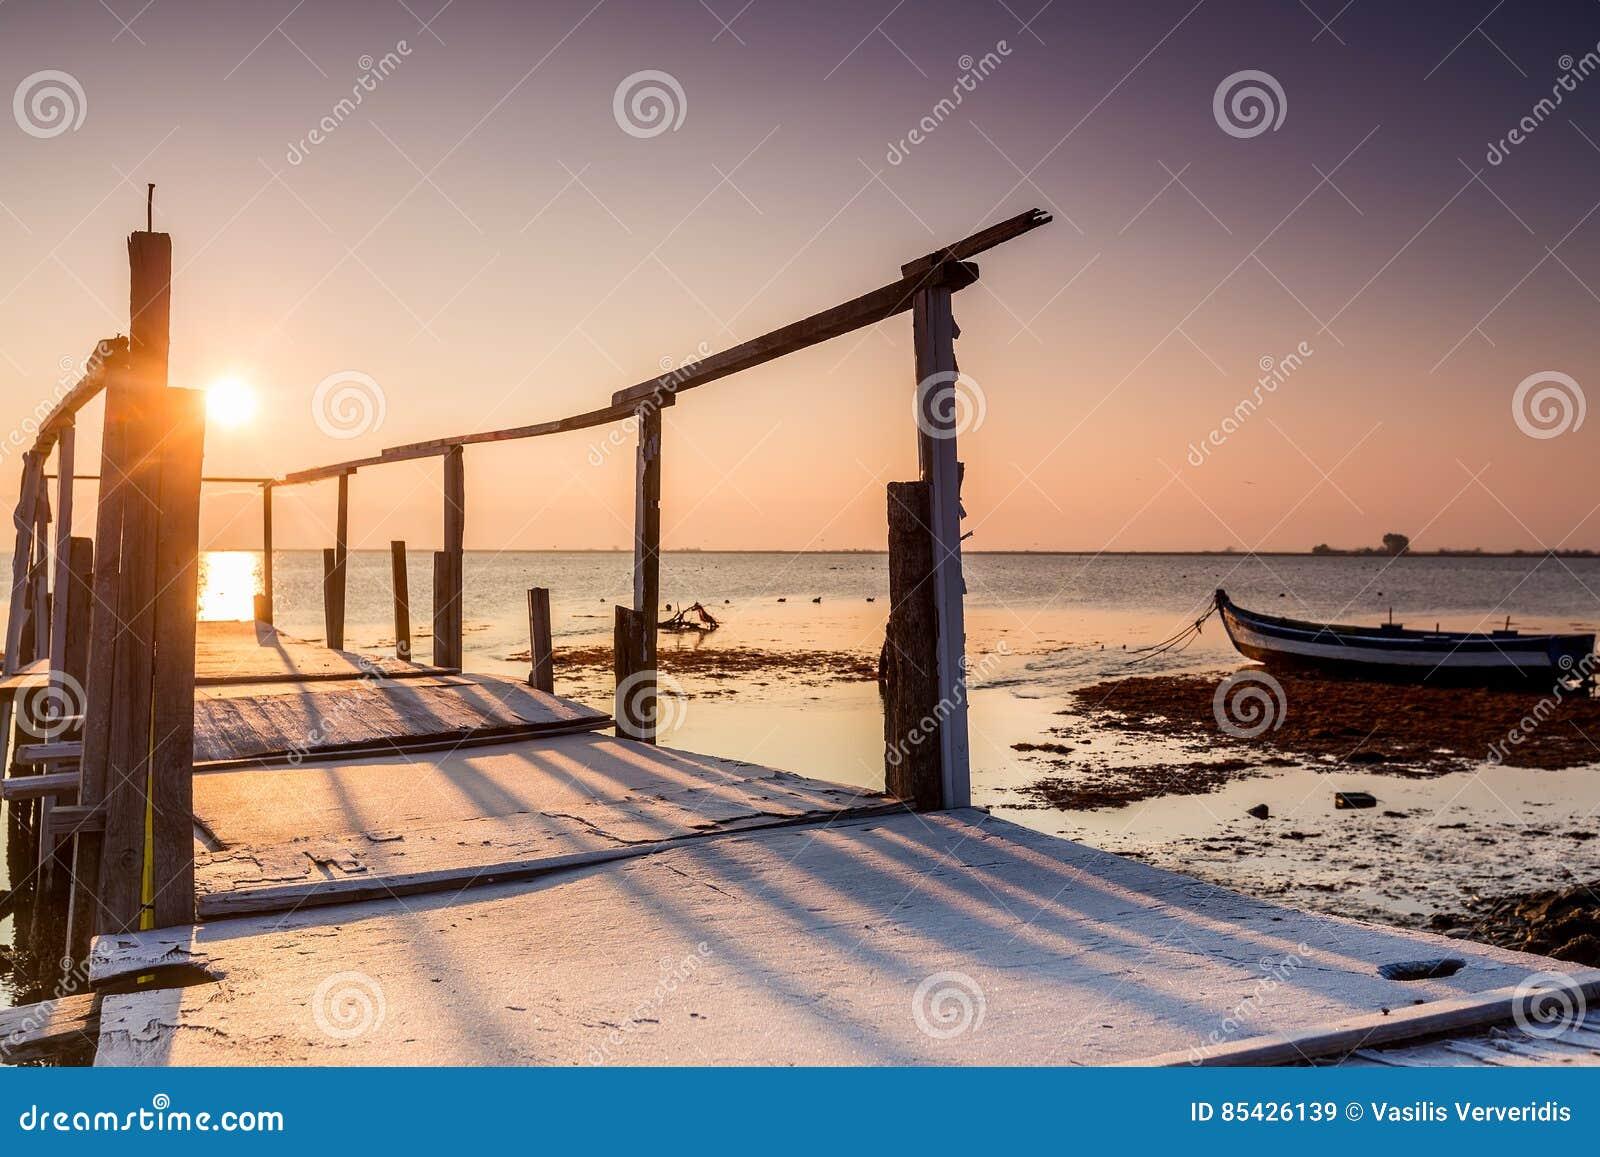 Ξημερώματα, μαγική ανατολή πέρα από τη θάλασσα